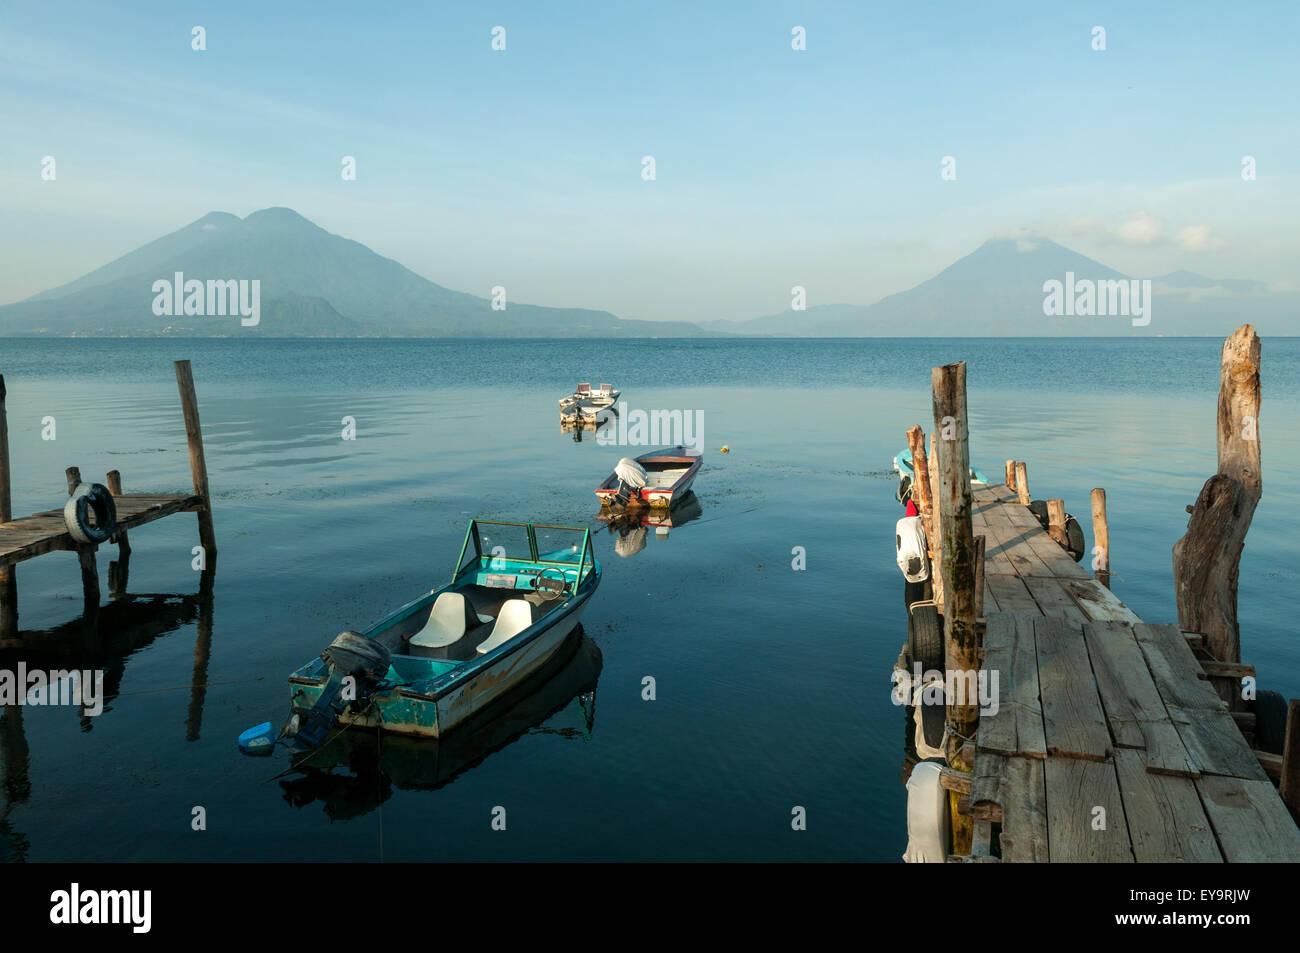 Volcanoes of Lake Atitlan, Guatemala - Stock Image